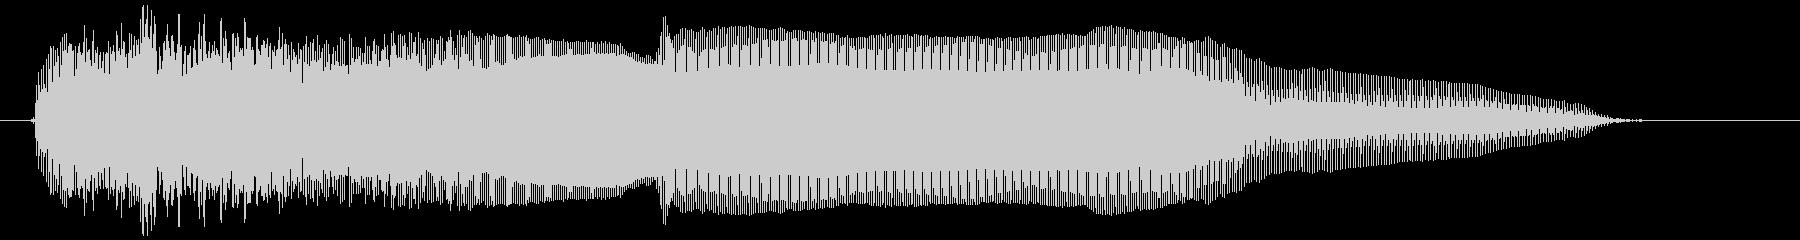 びっくりチキン特大 鳴き声の未再生の波形